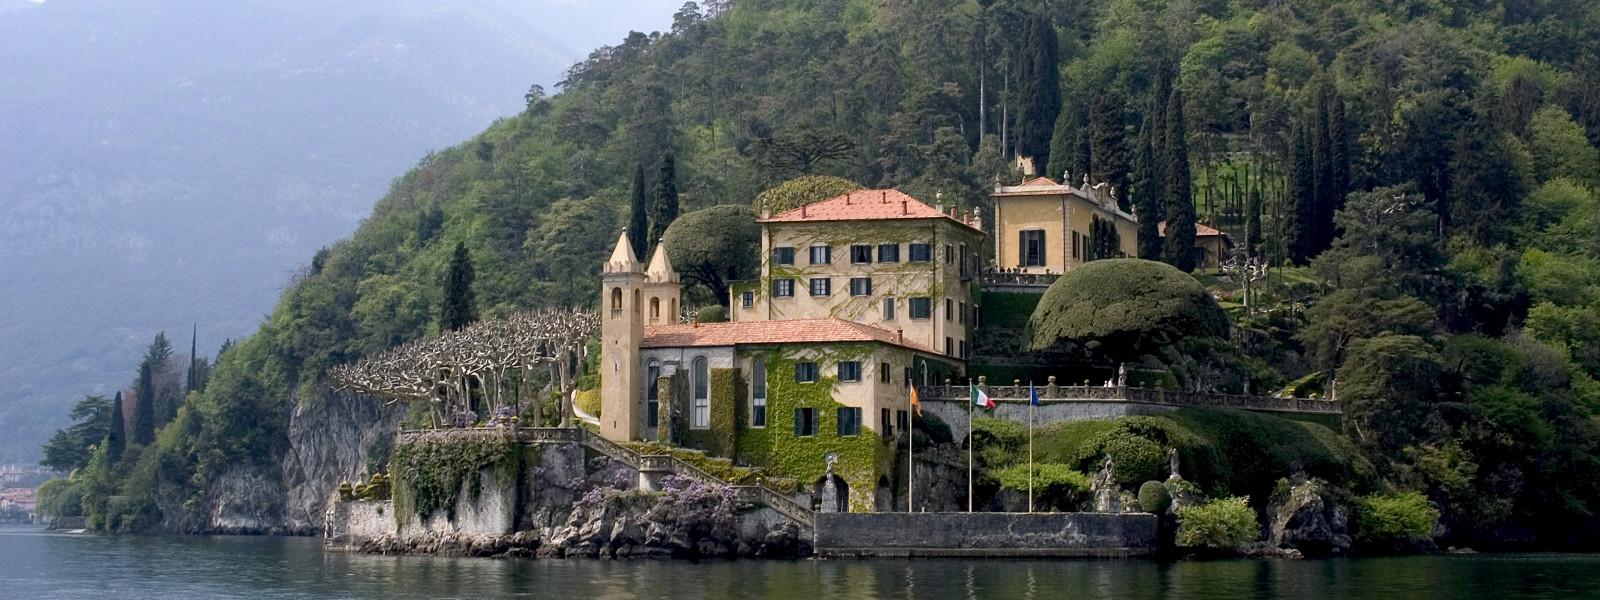 Villa del Balbianello, Tremezzina (Como) / Fai